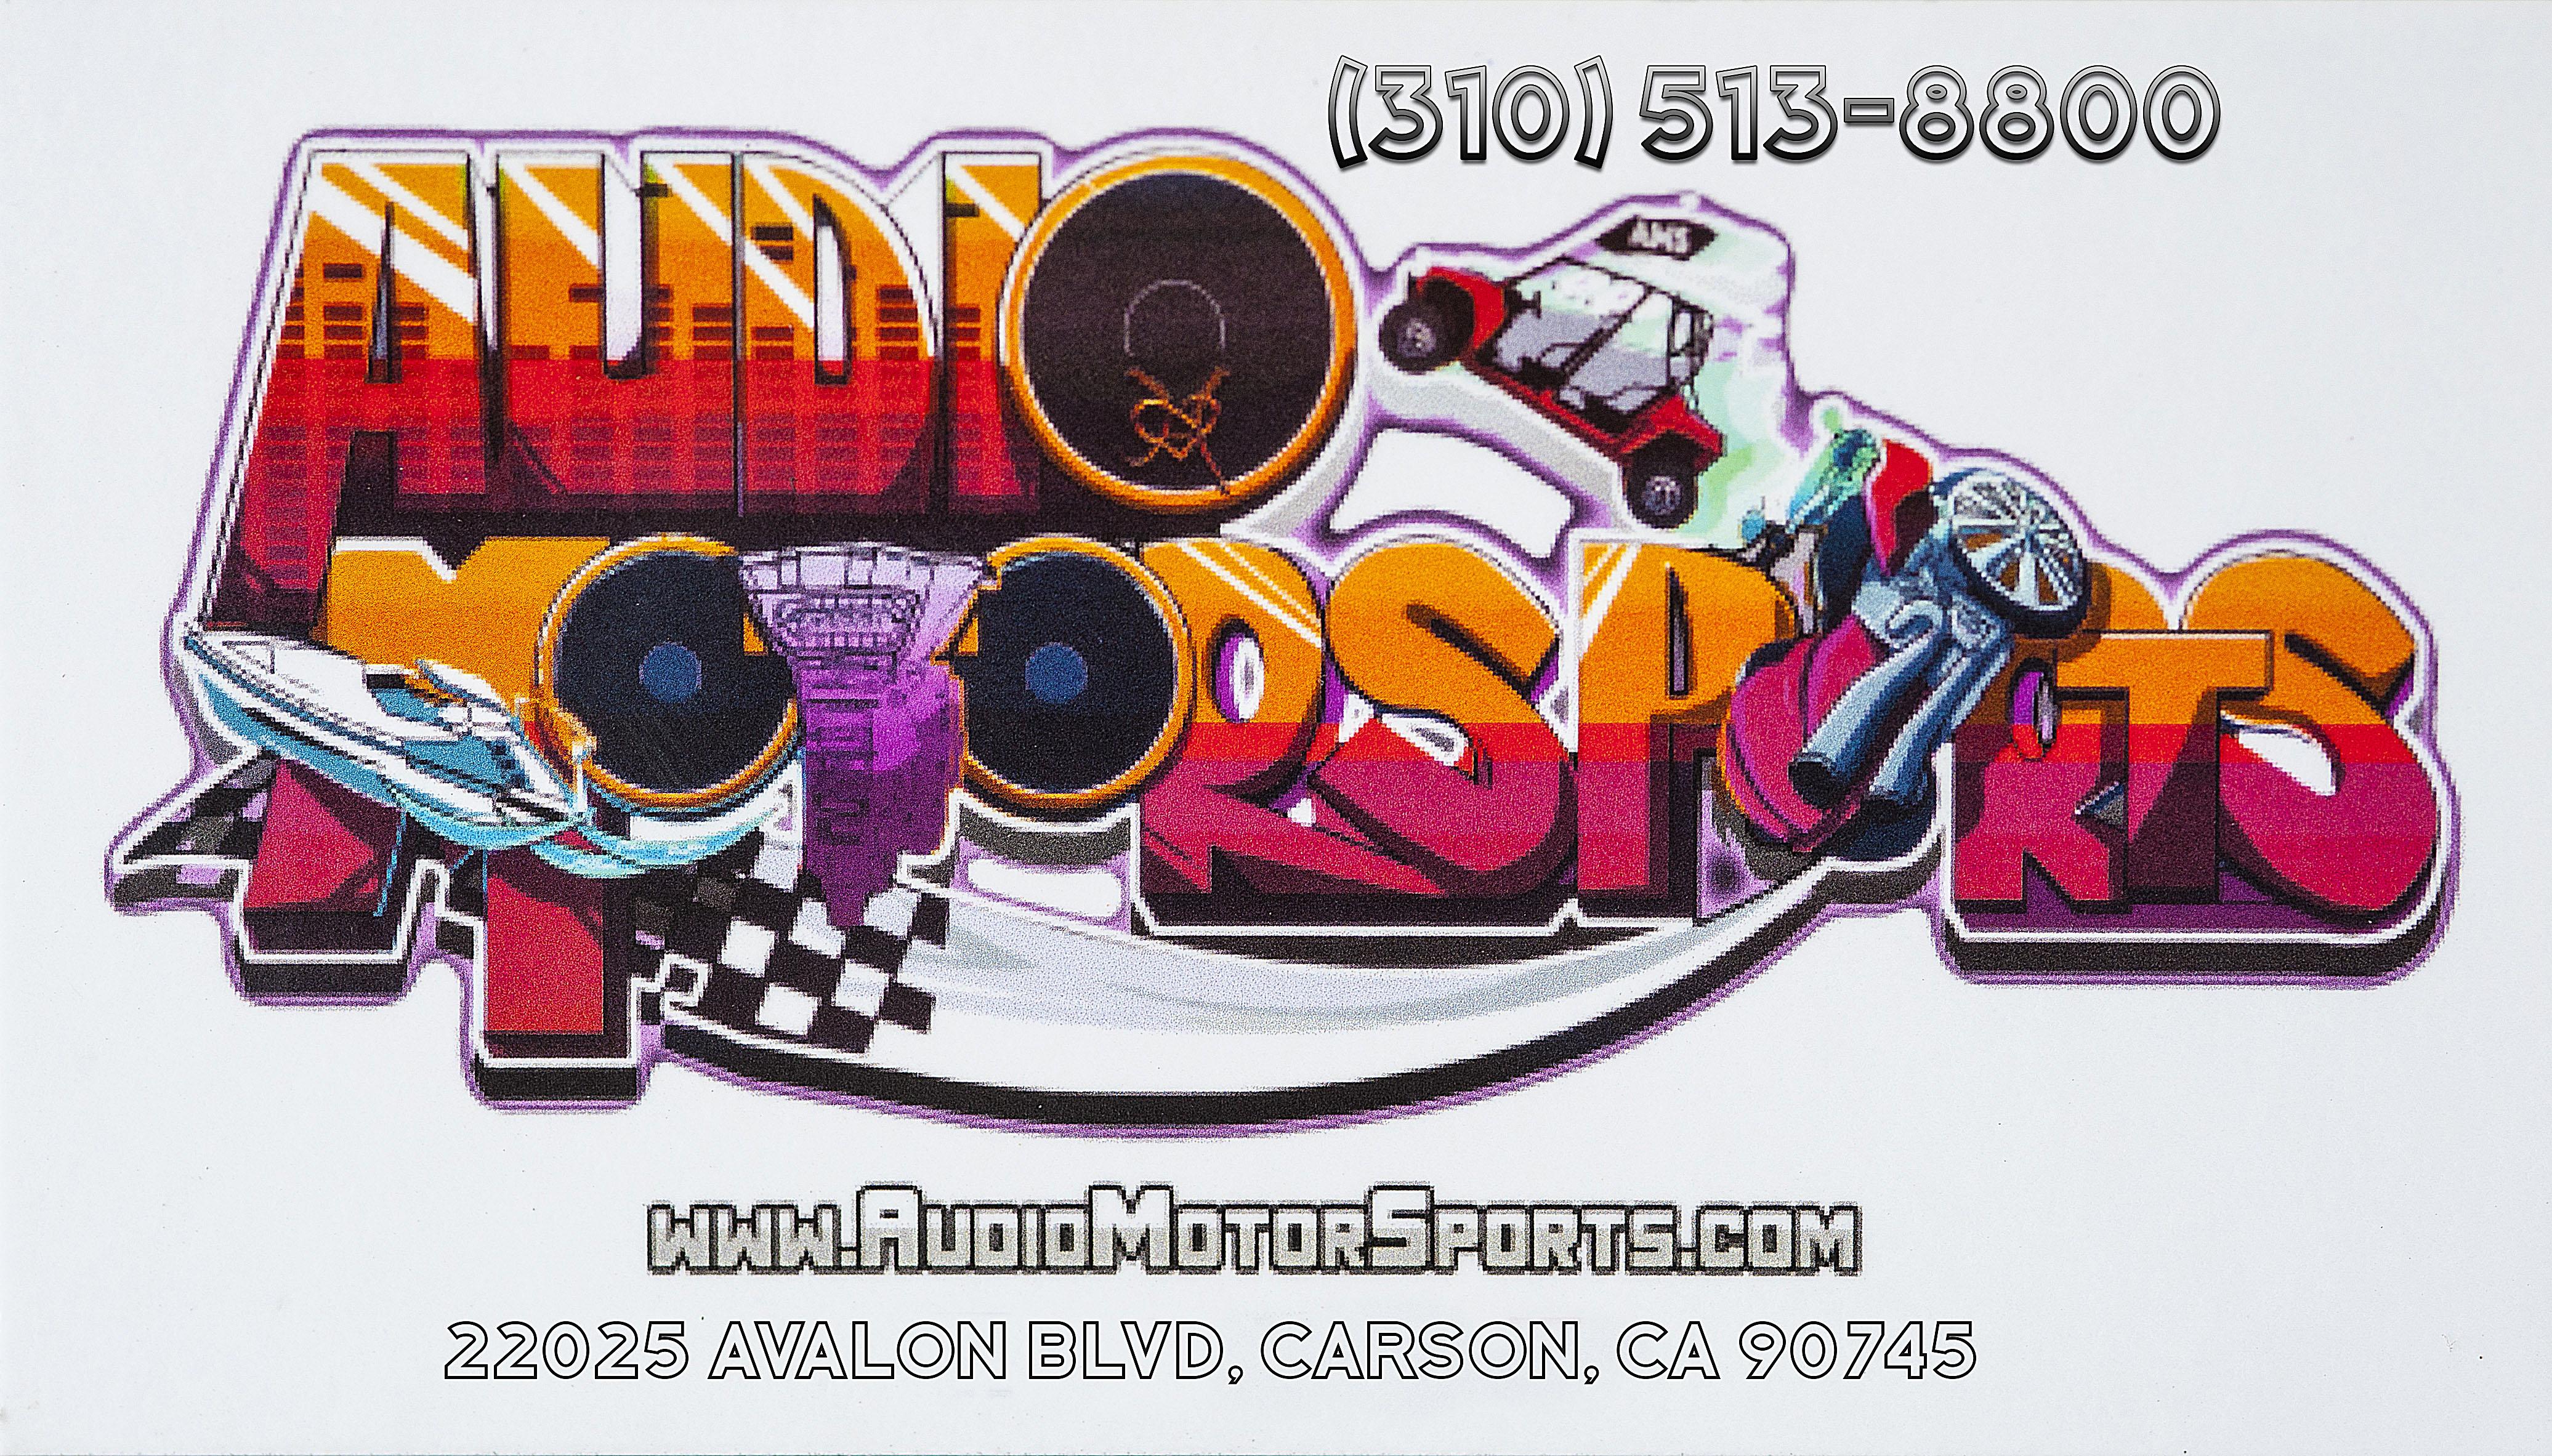 Icb motorsports coupon codes